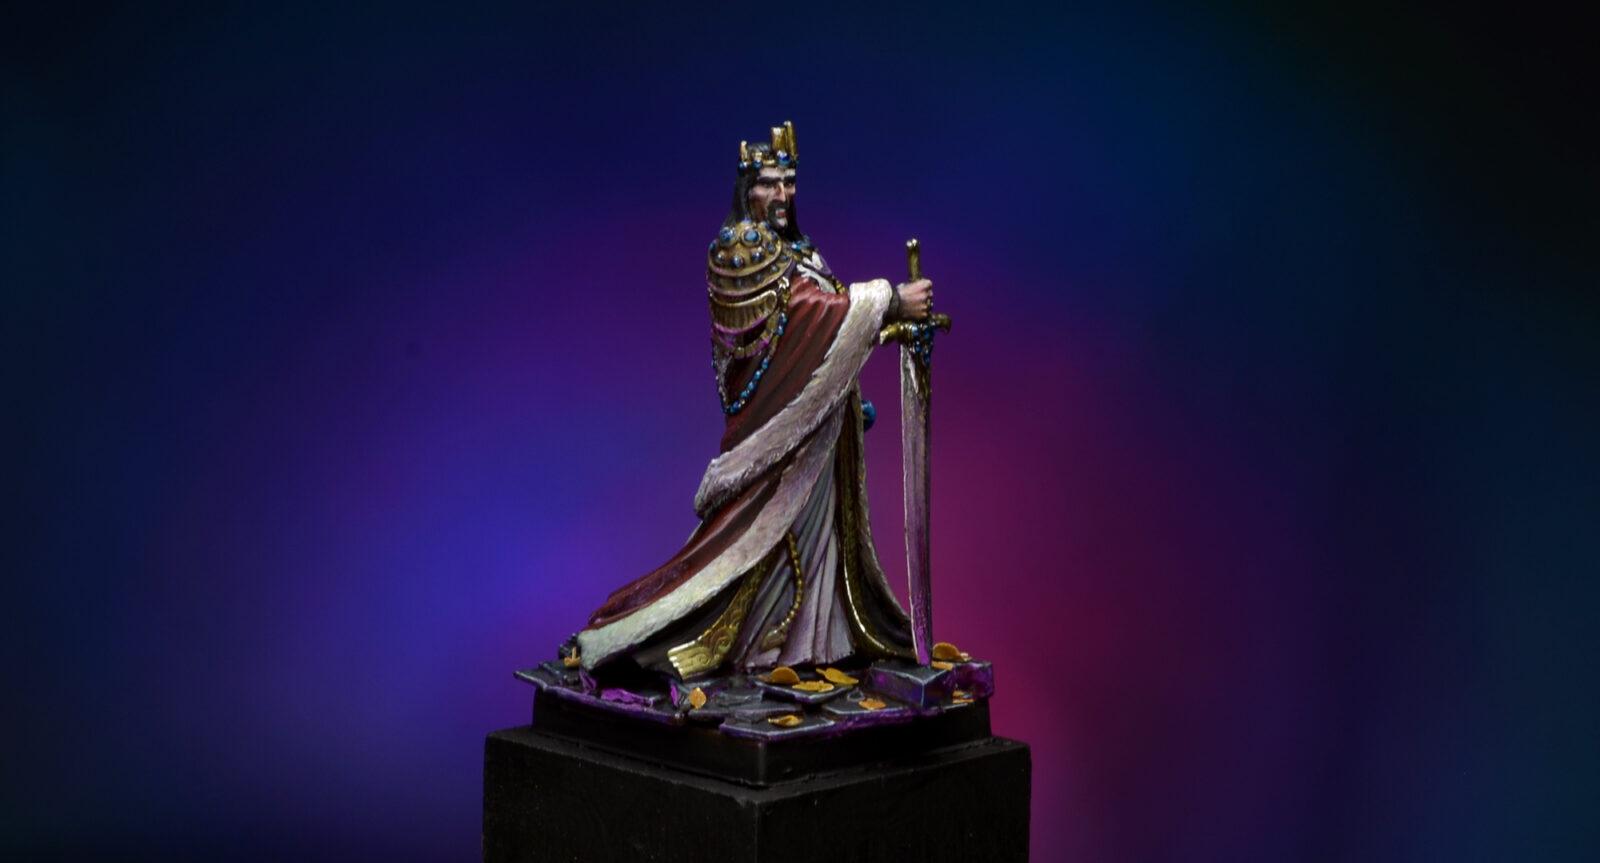 Emperor3